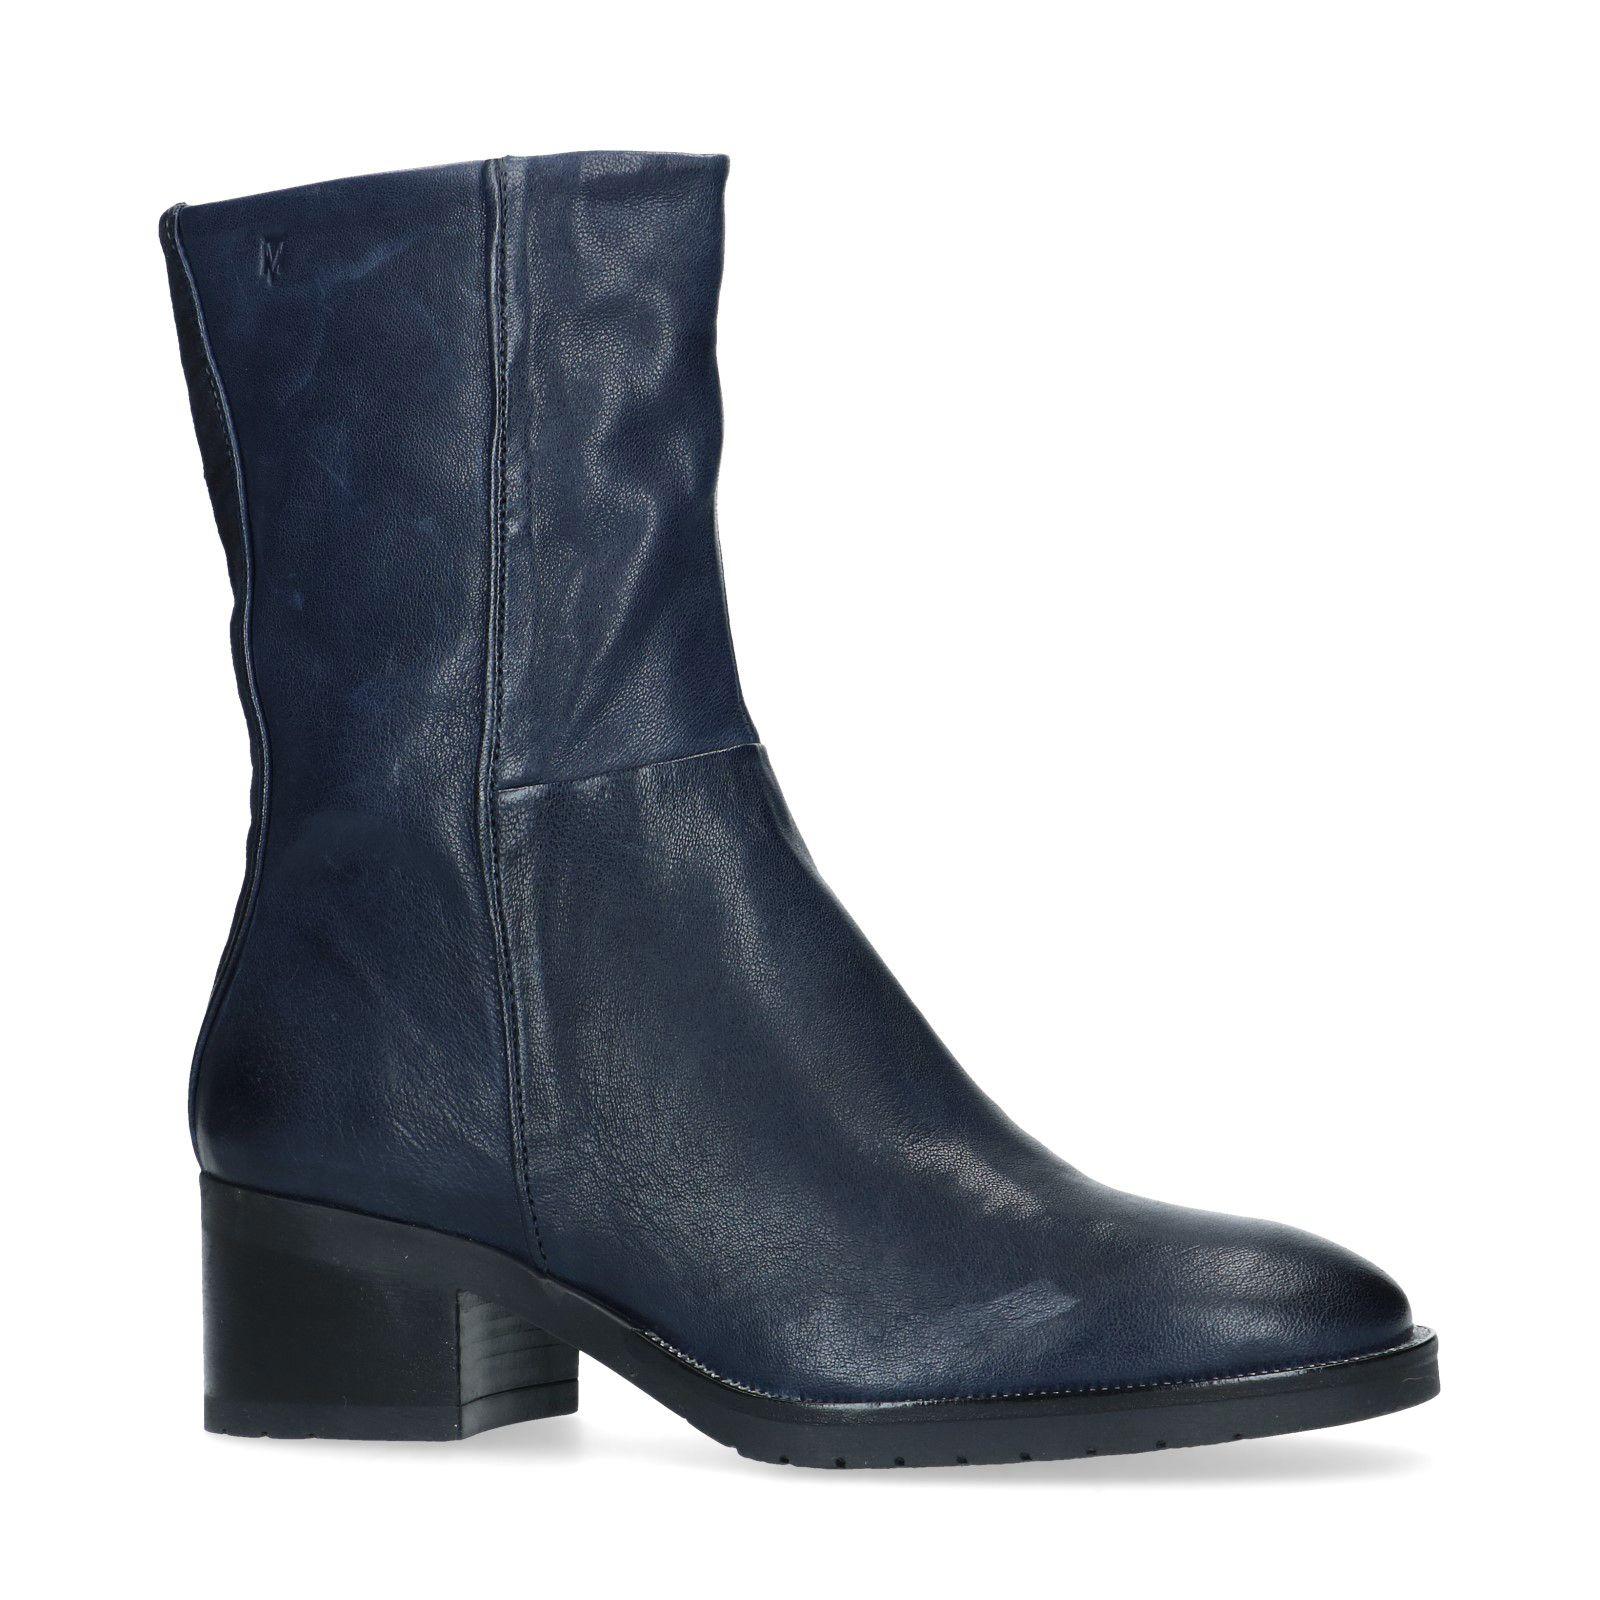 Blauwe korte laarzen met lage hak Dames | MANFIELD